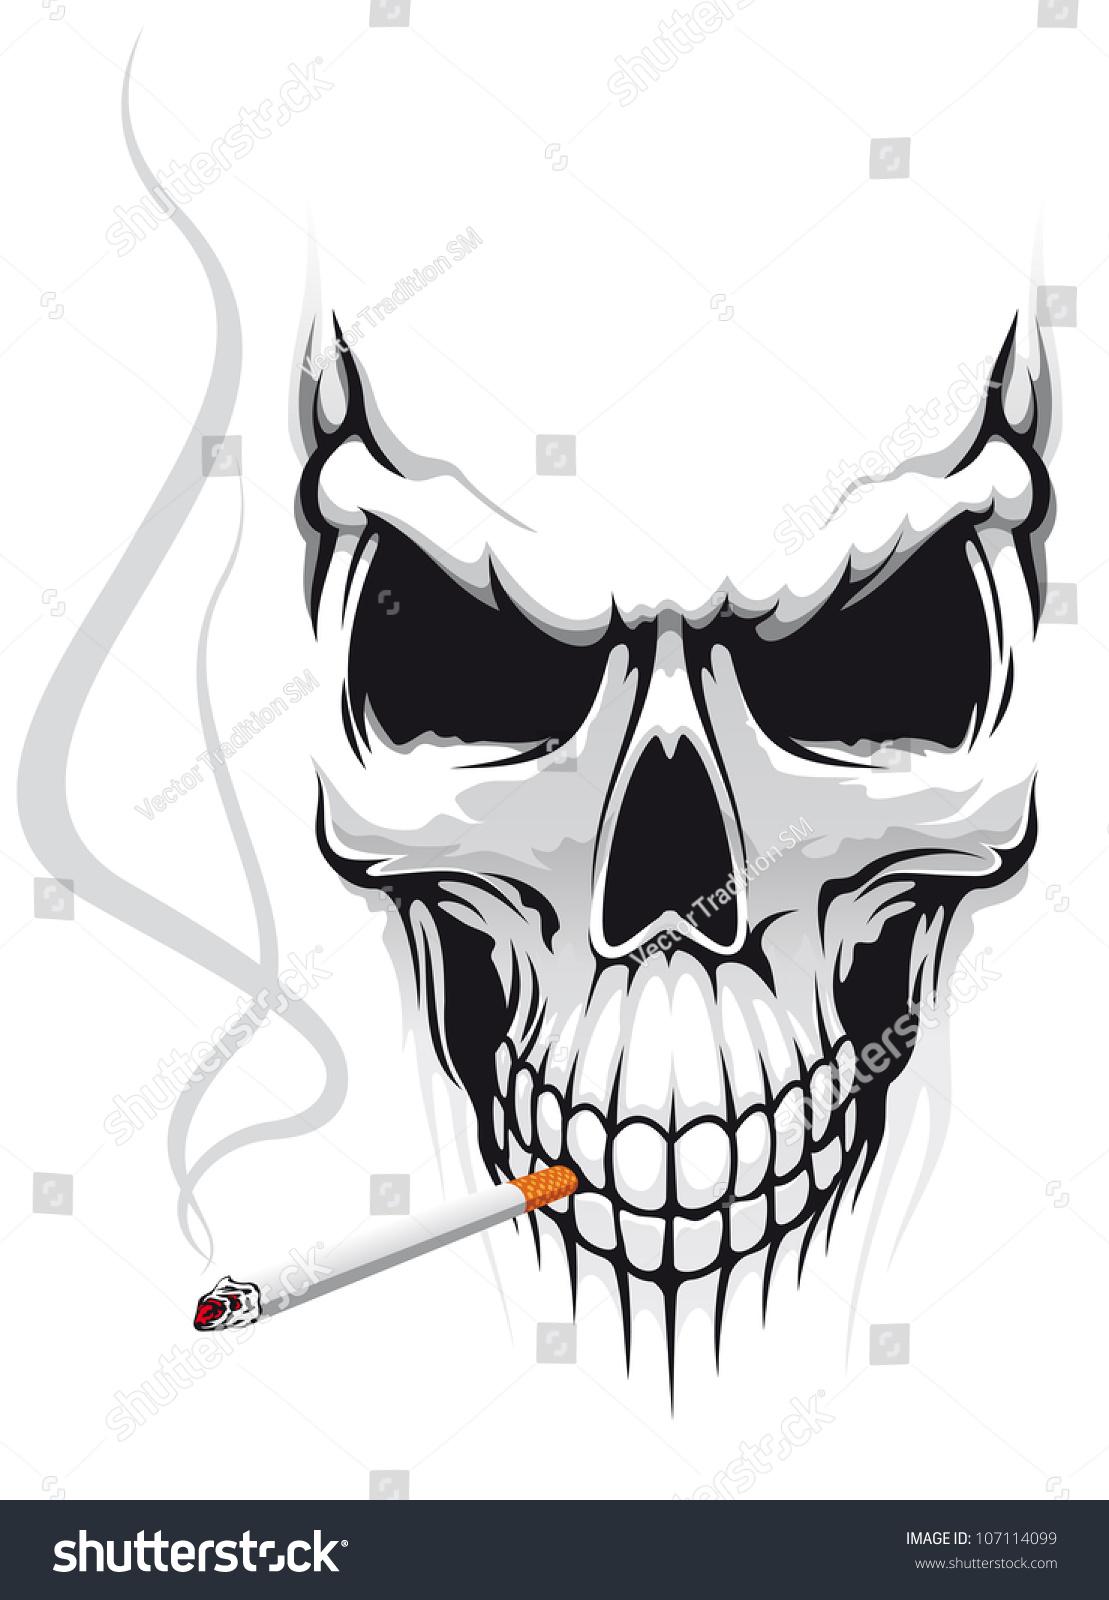 Danger Skull Smoke Cigarette Tshirt Design Stock Illustration